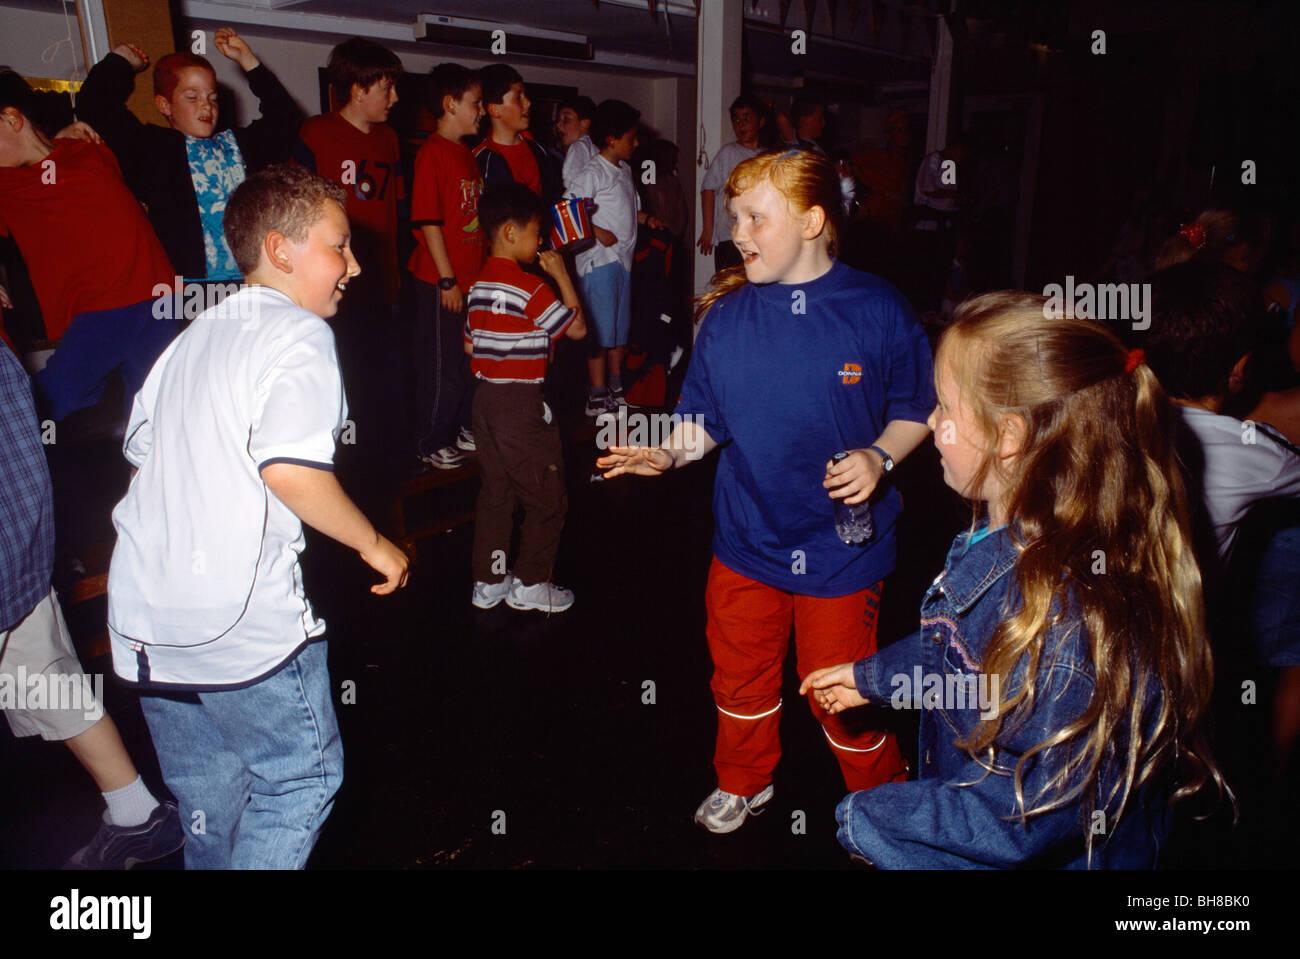 Ragazzi e ragazze che ballano a Queens Giubileo d oro Scuola Discoteca Immagini Stock